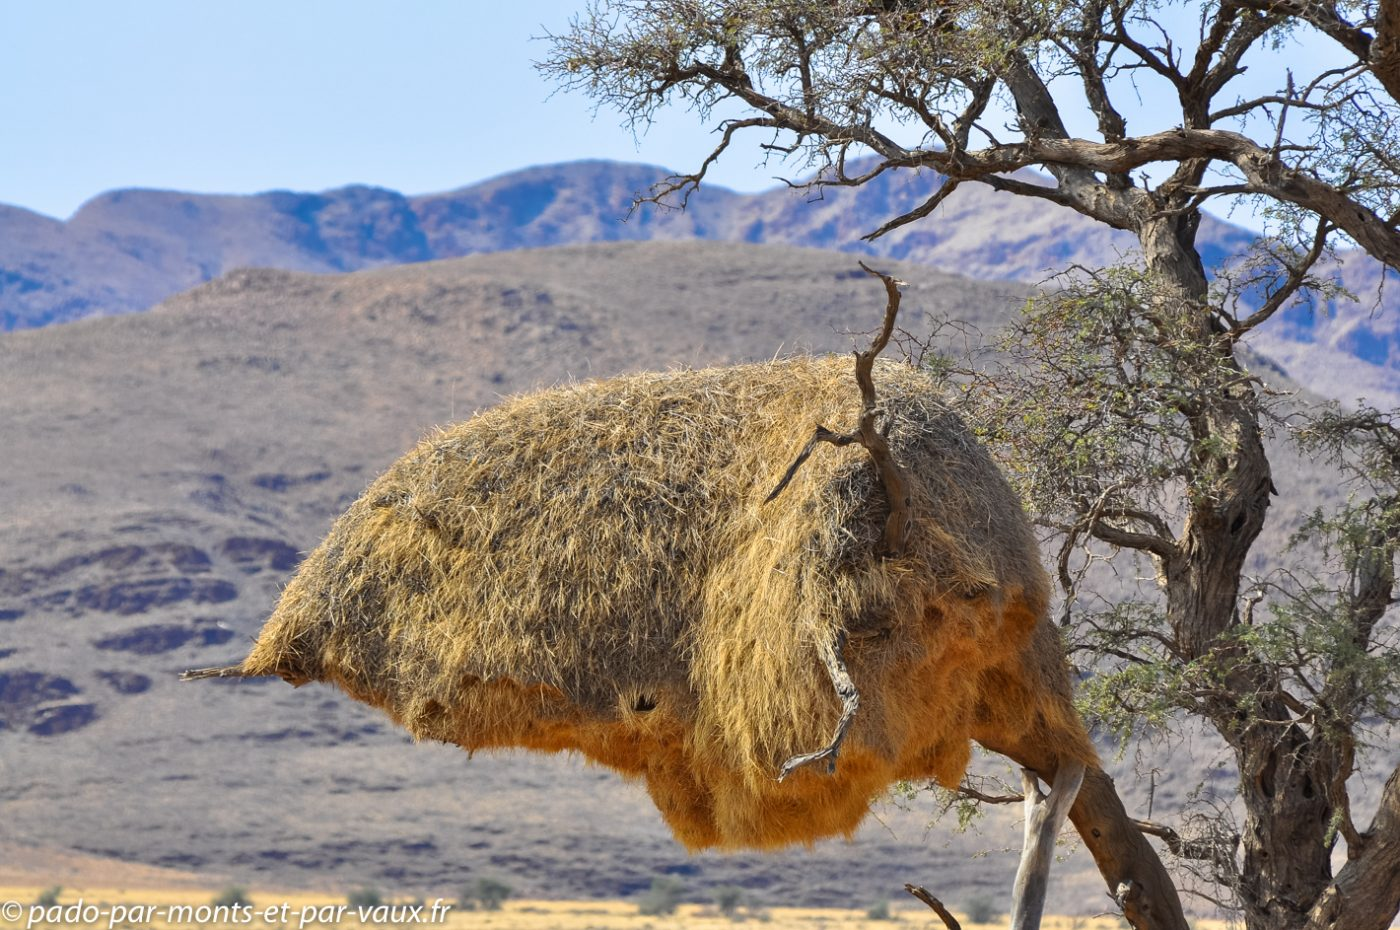 Namibie 2013 - nid de républicains sociaux